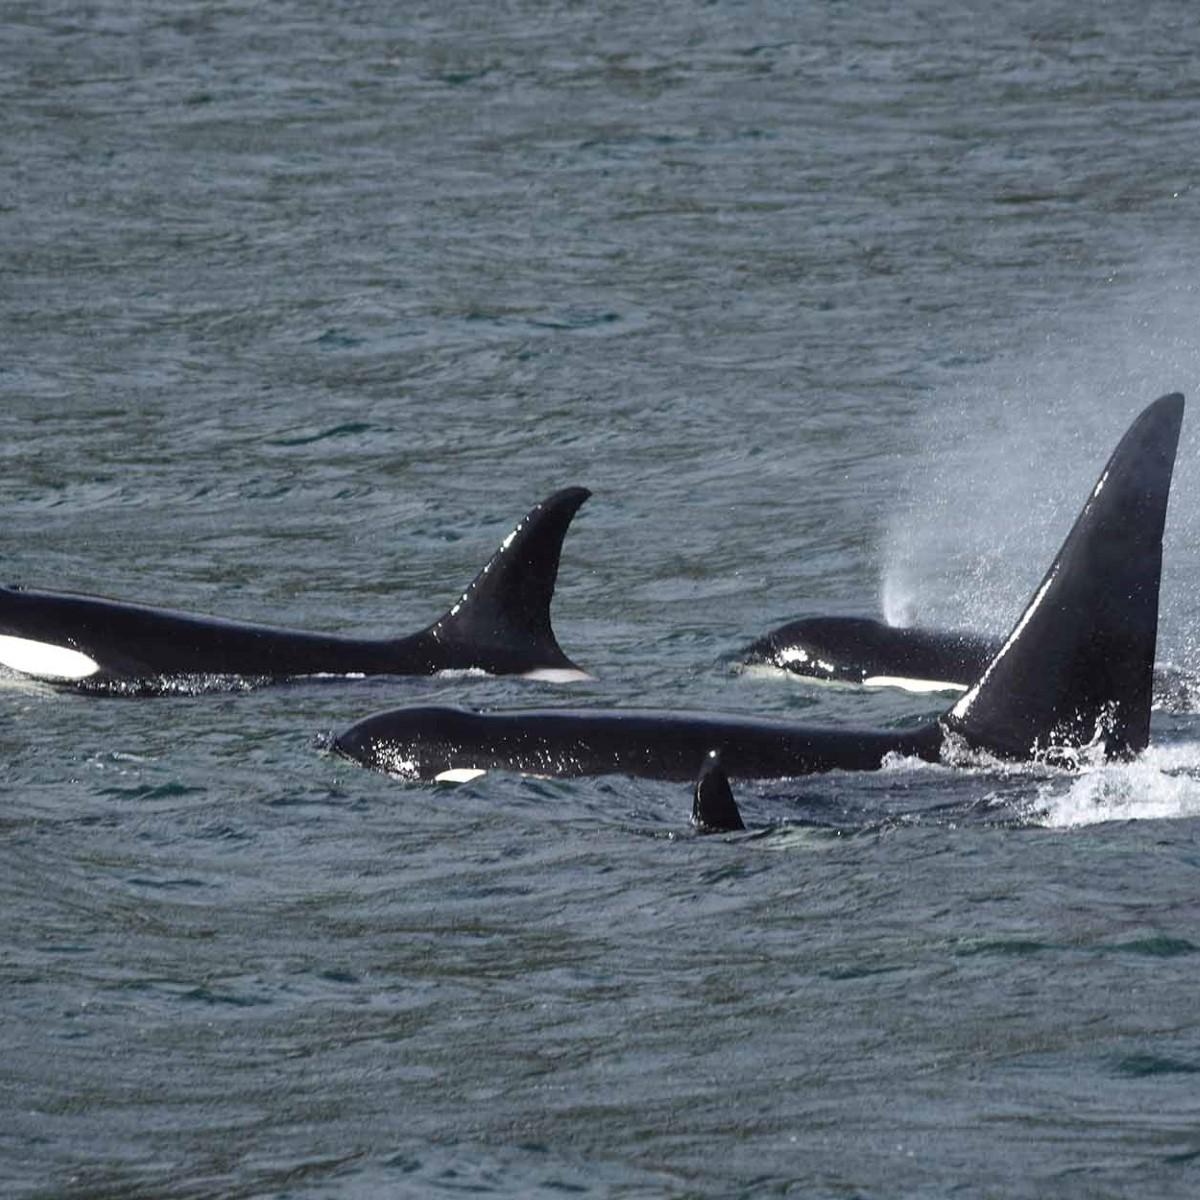 På udkig efter hvaler, brune bjørne og andre dyr | Hurtigruten DK